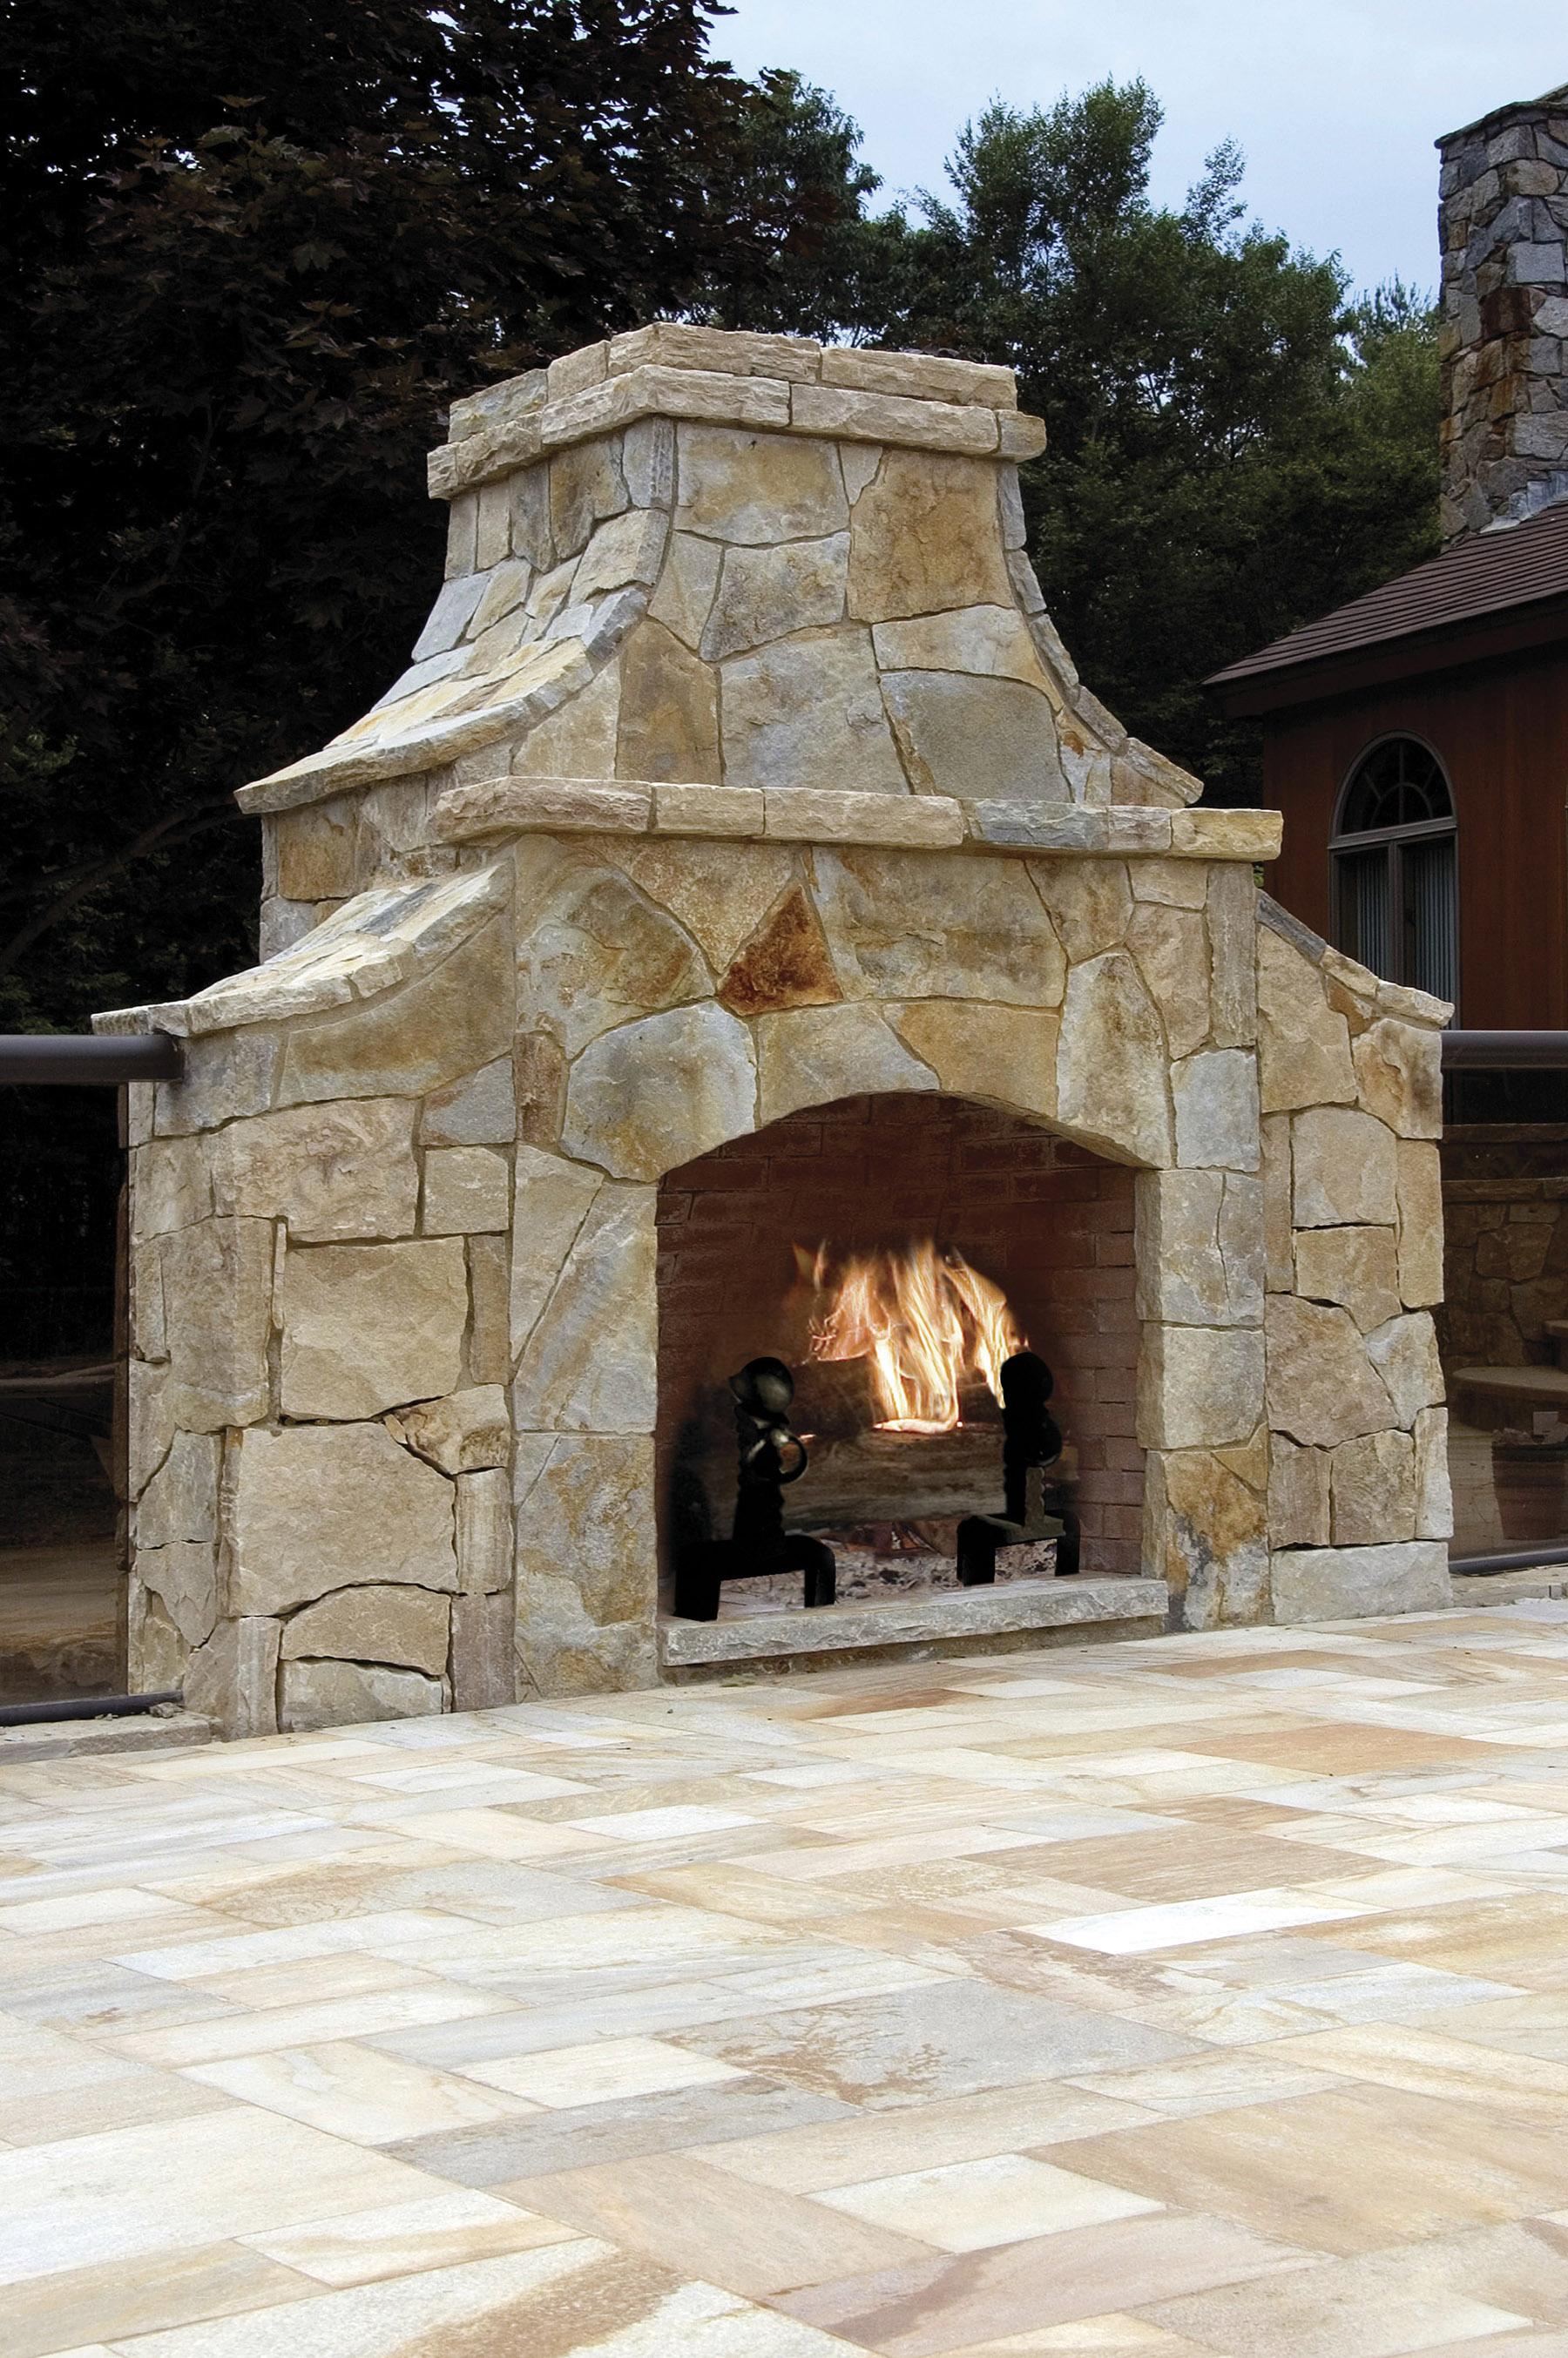 stone fireplace outside